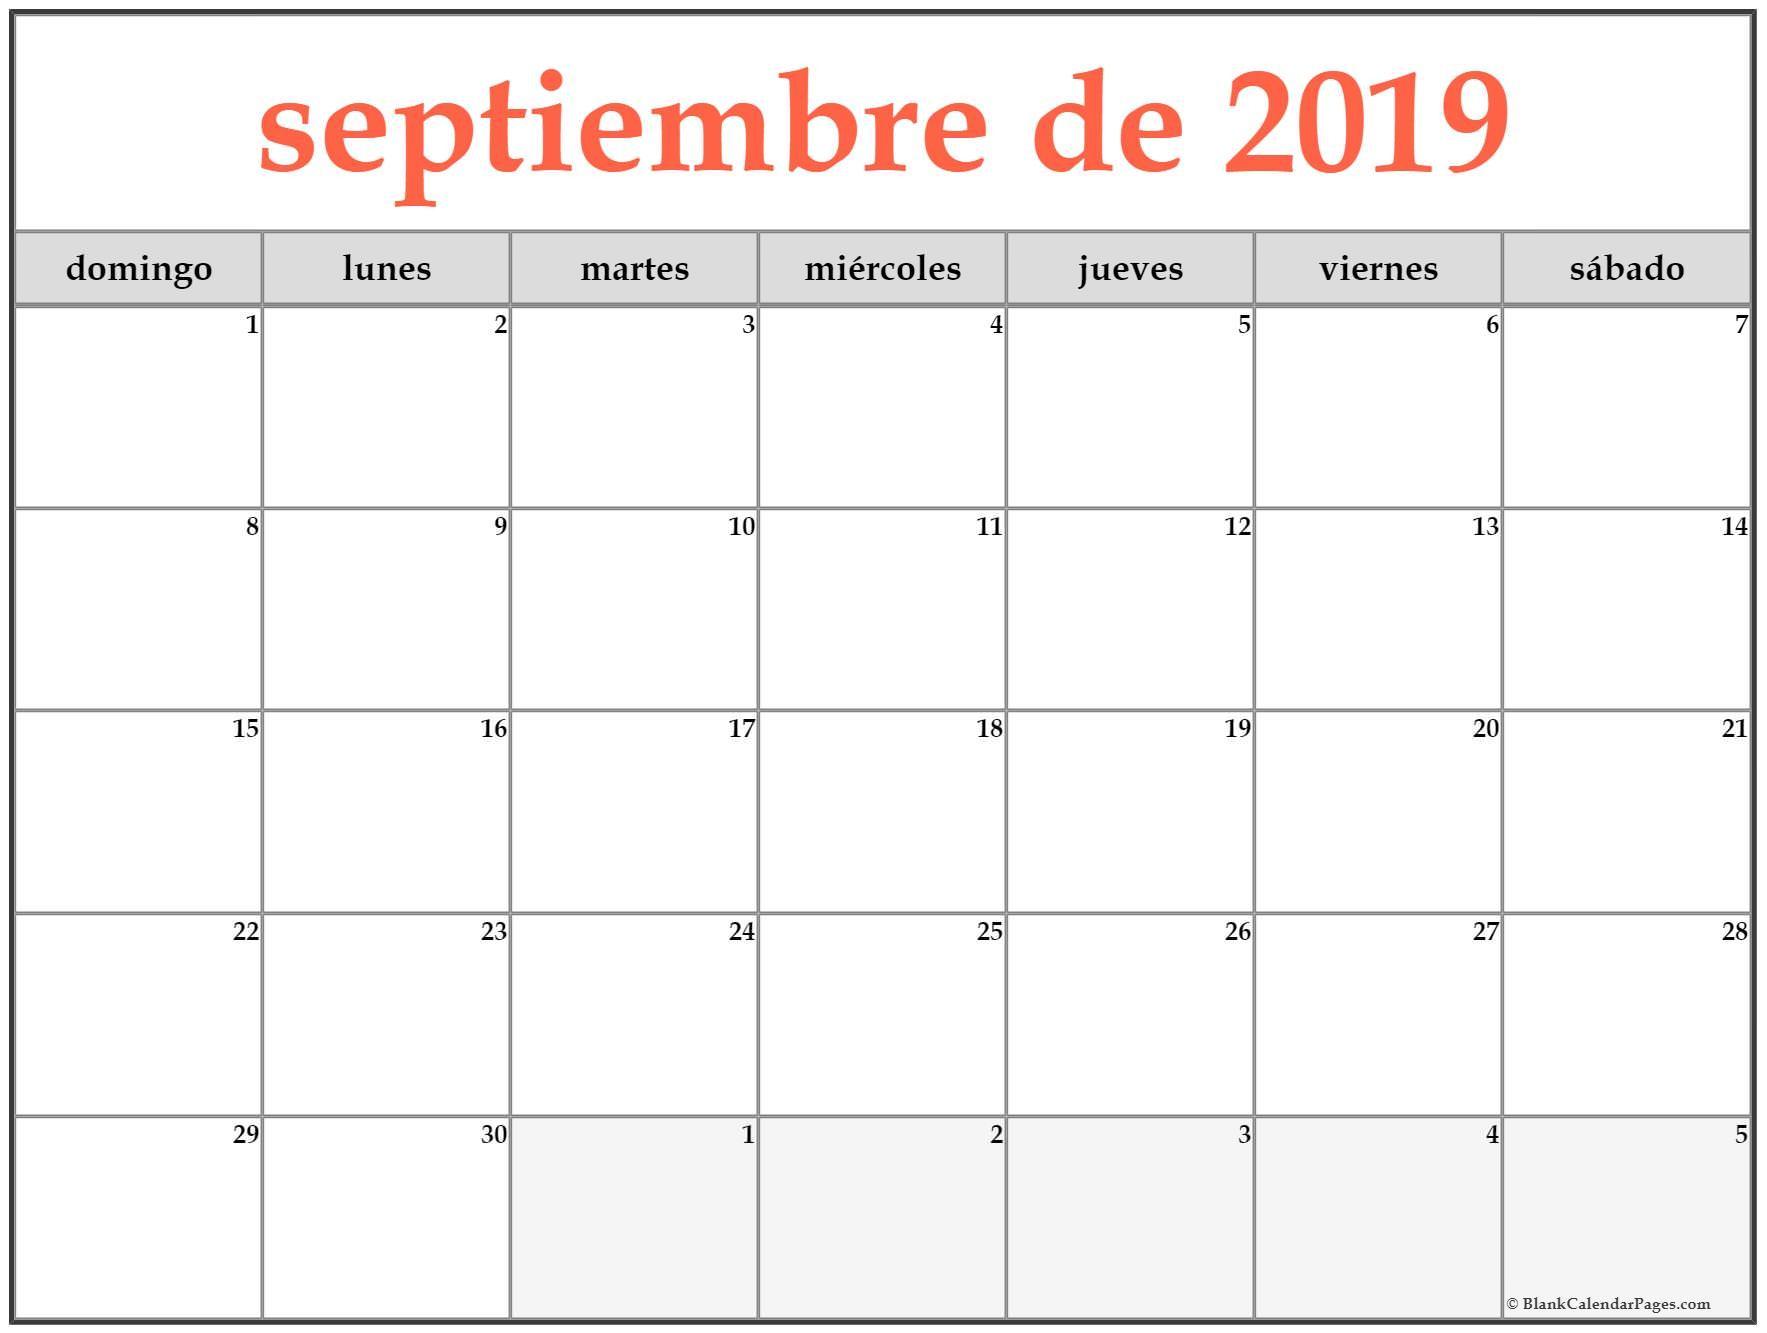 Calendario 2019 Chile Para Imprimir Más Arriba-a-fecha Best Calendario Septiembre 2015 Para Imprimir Image Collection Of Calendario 2019 Chile Para Imprimir Más Recientes Calendario Octubre 2015 Para Imprimir 2017 Vector Calendar In